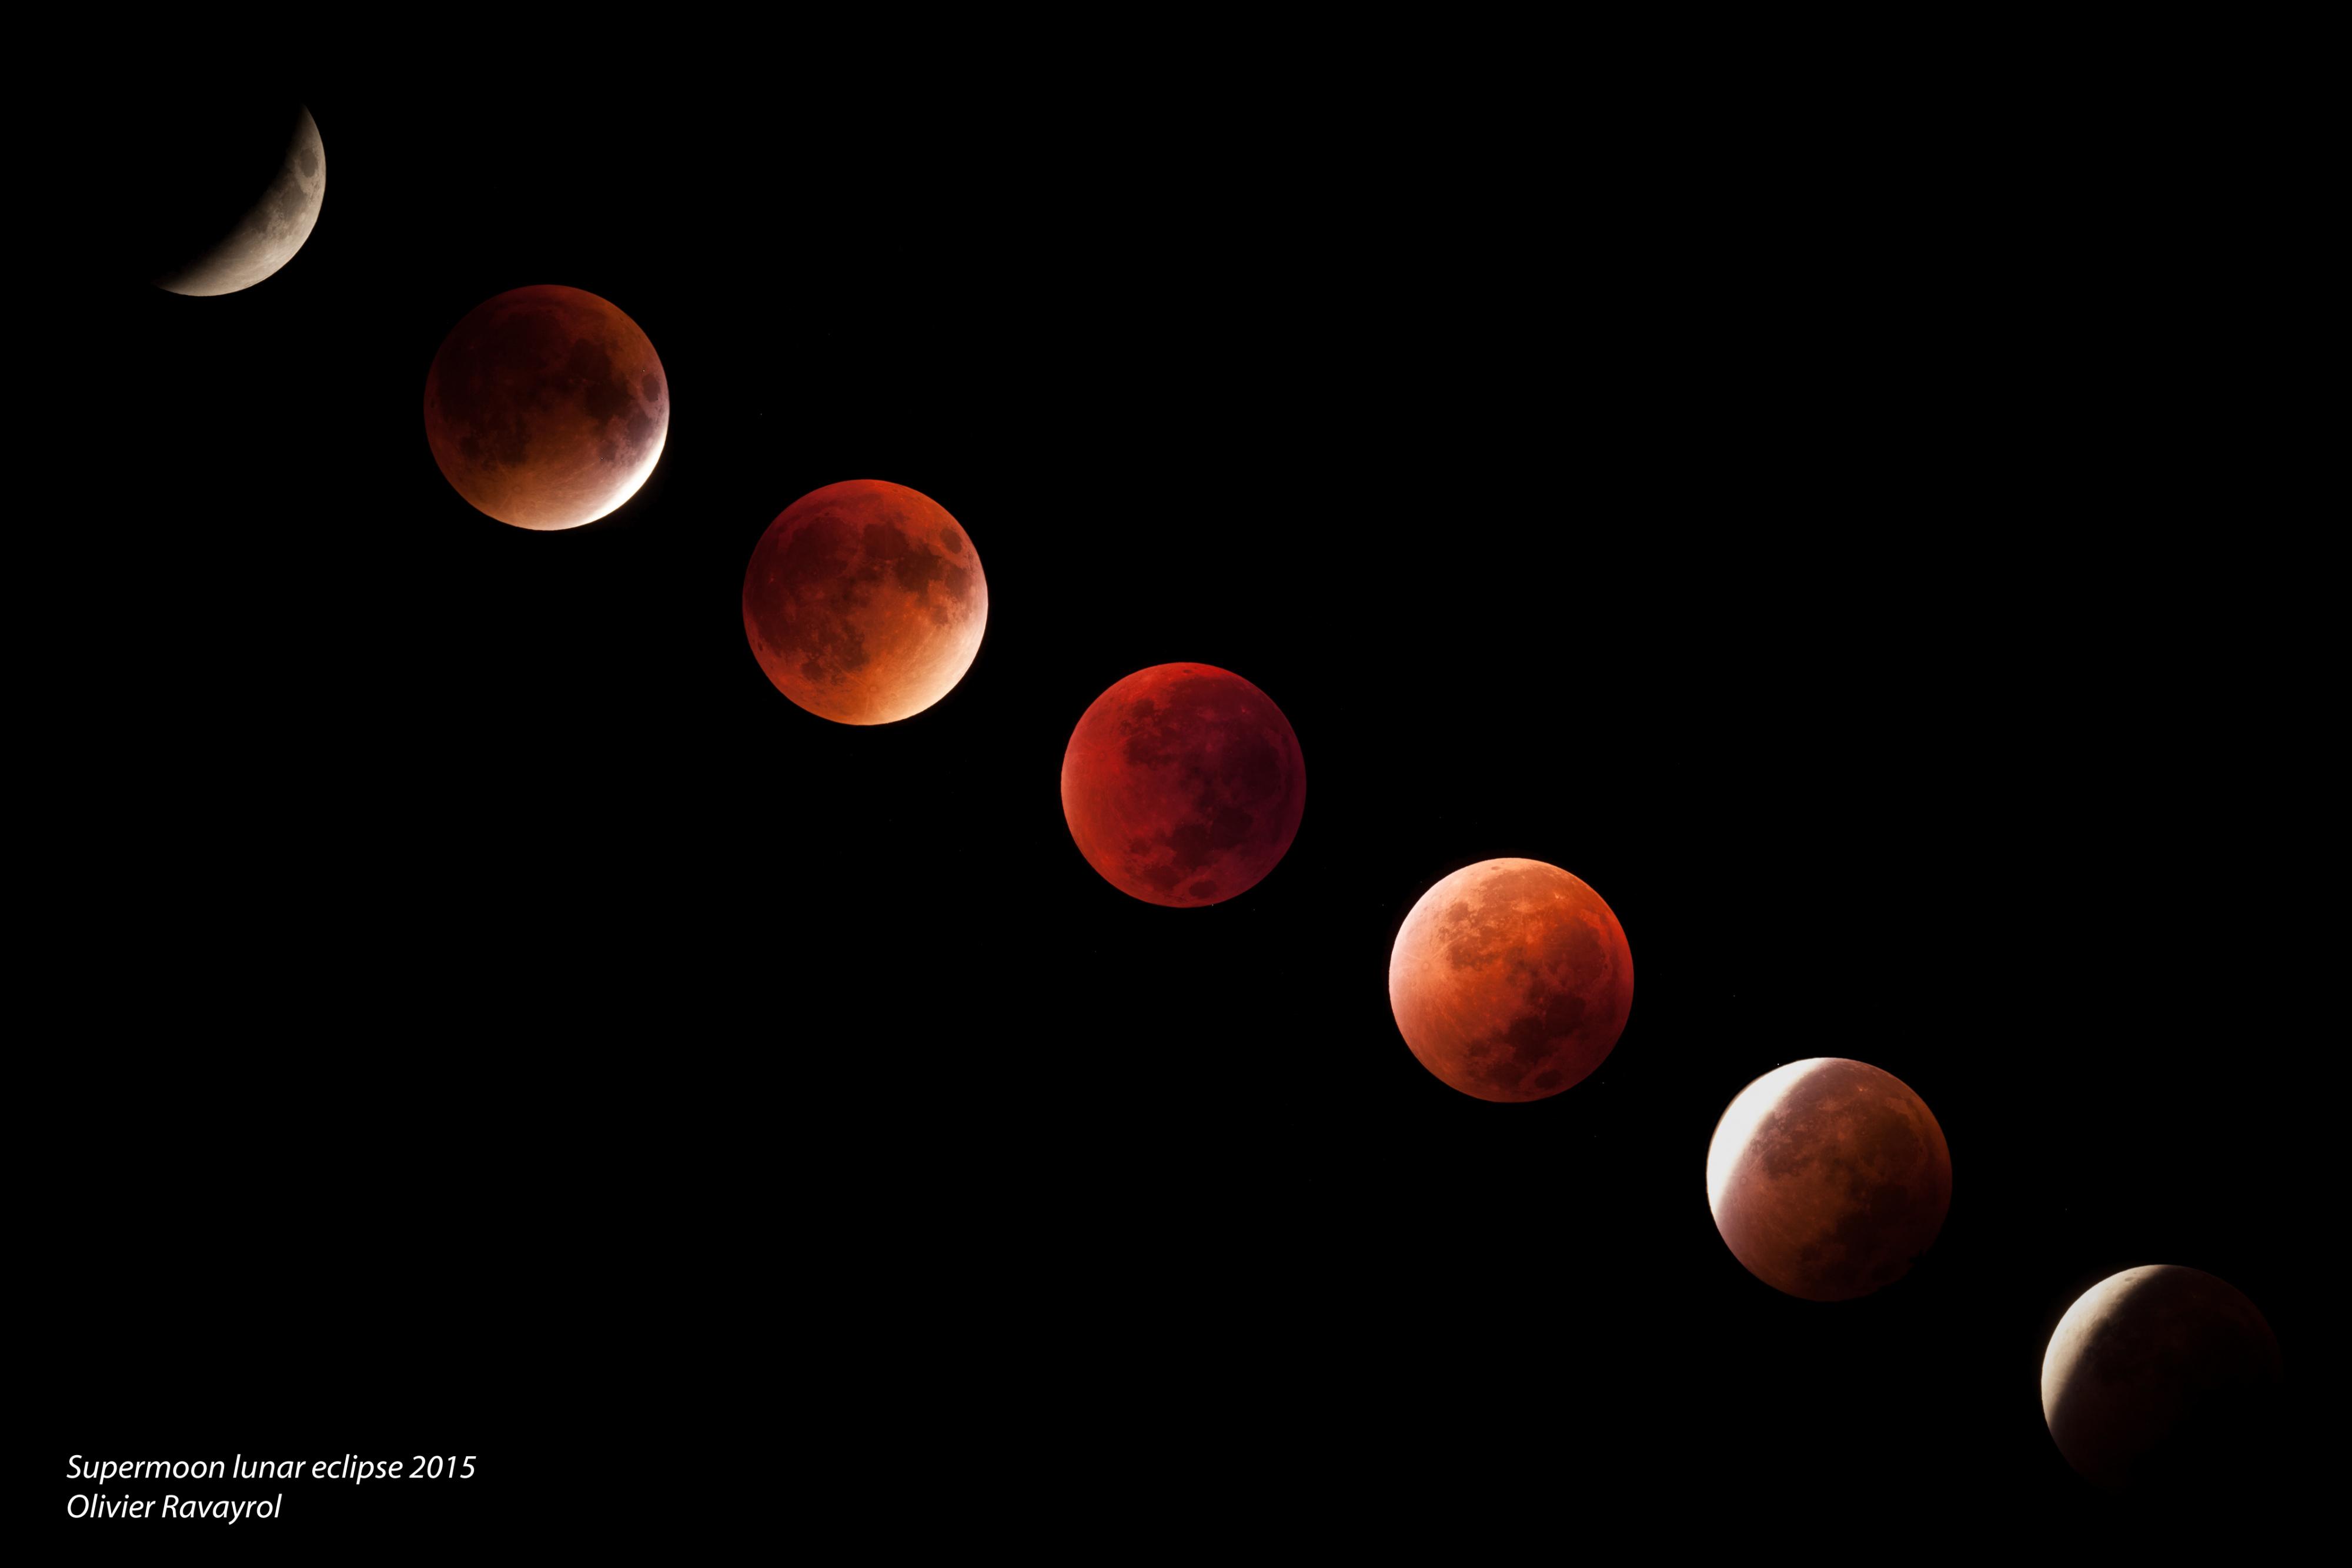 Eclipse lunaire 2015 (Mosaique)